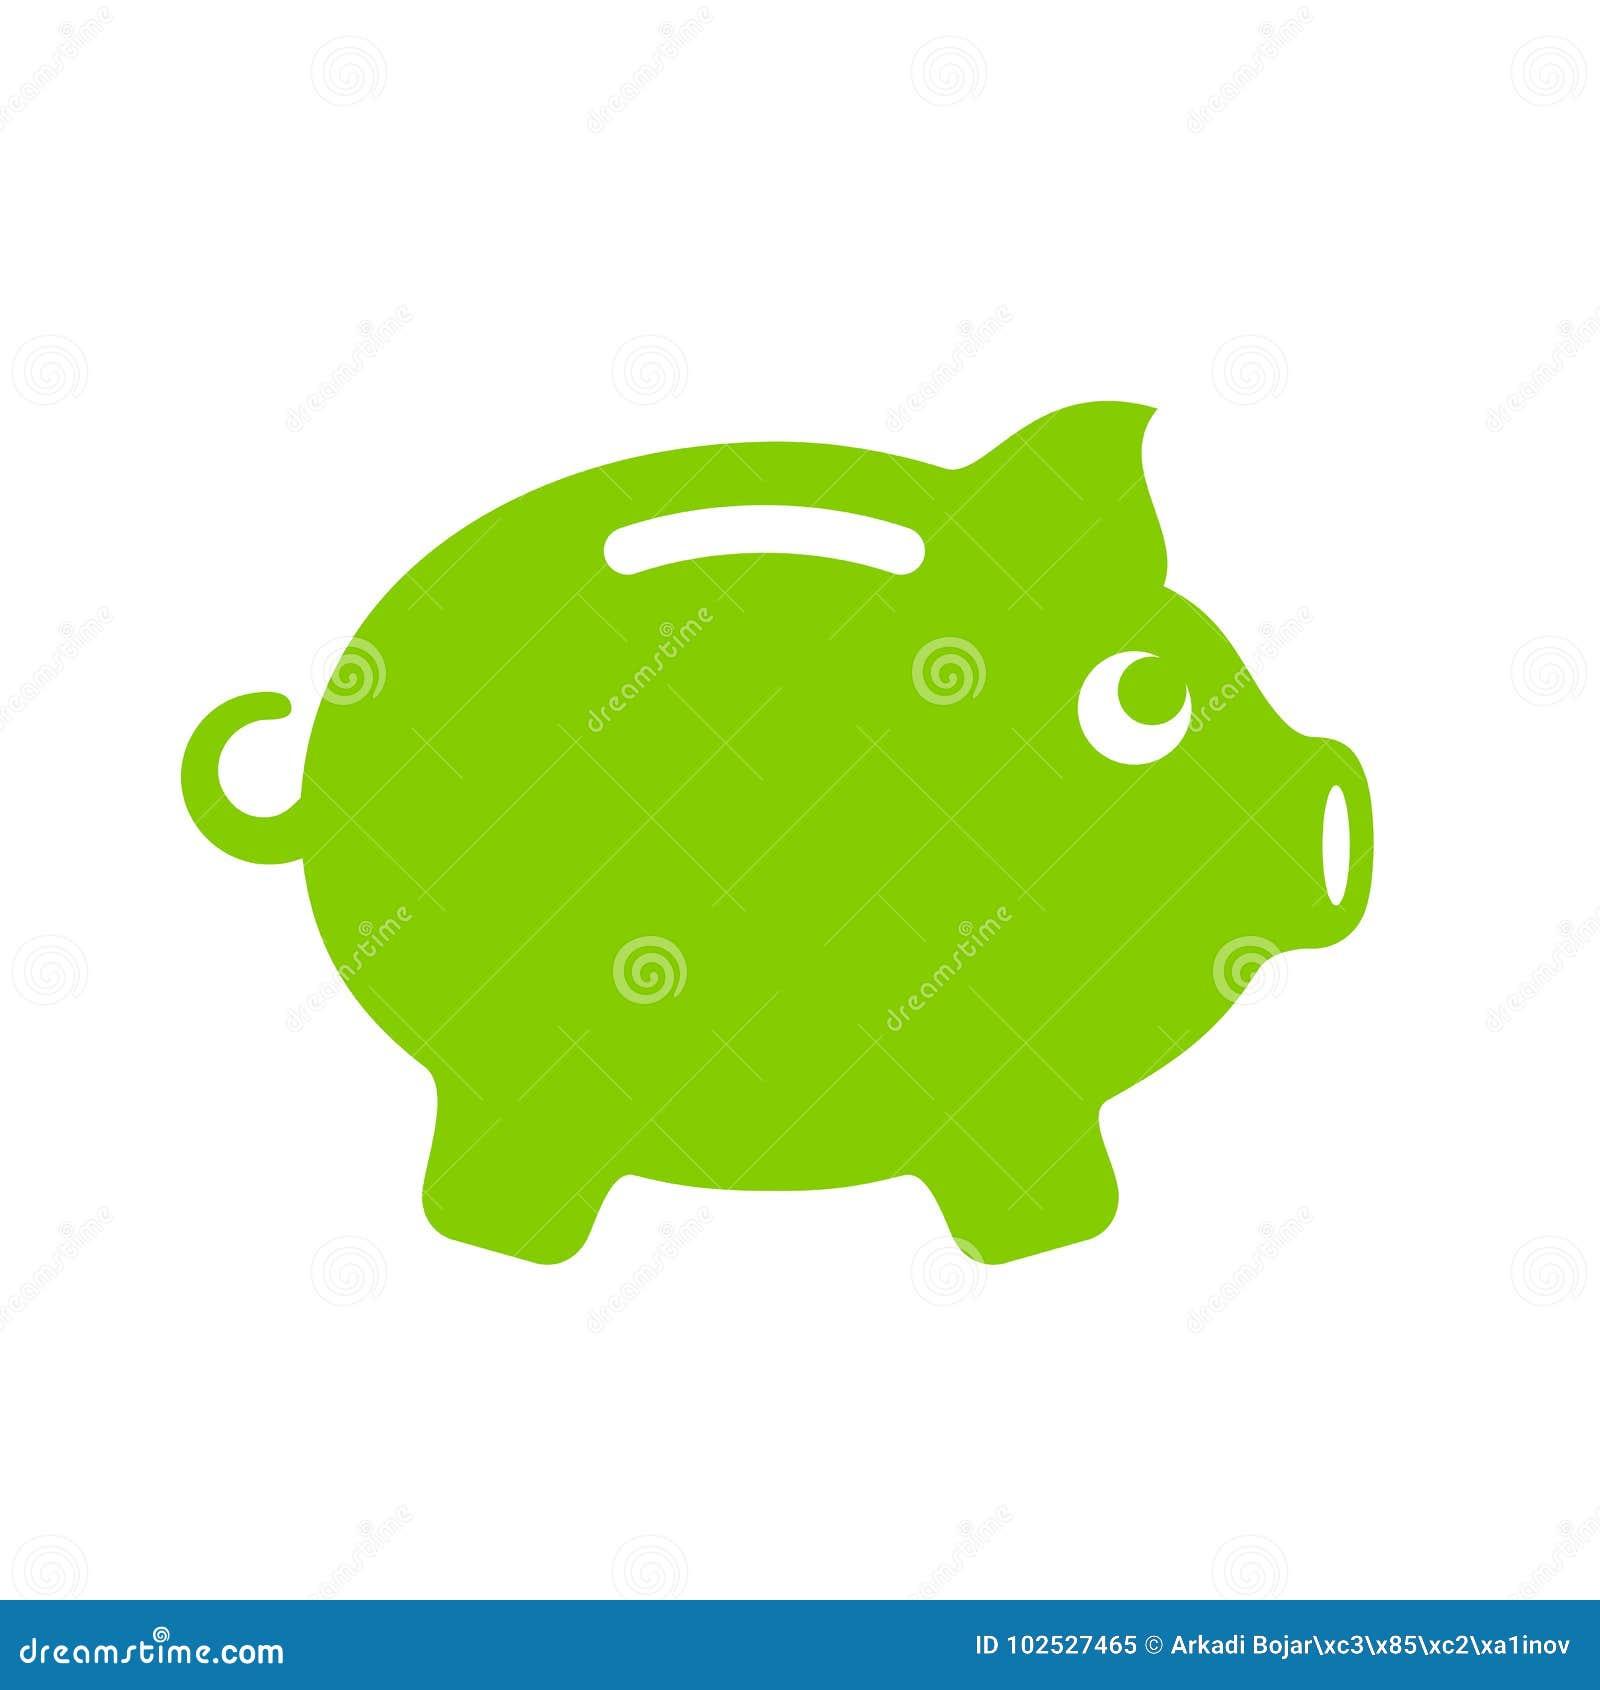 绿色猪金钱银行象征